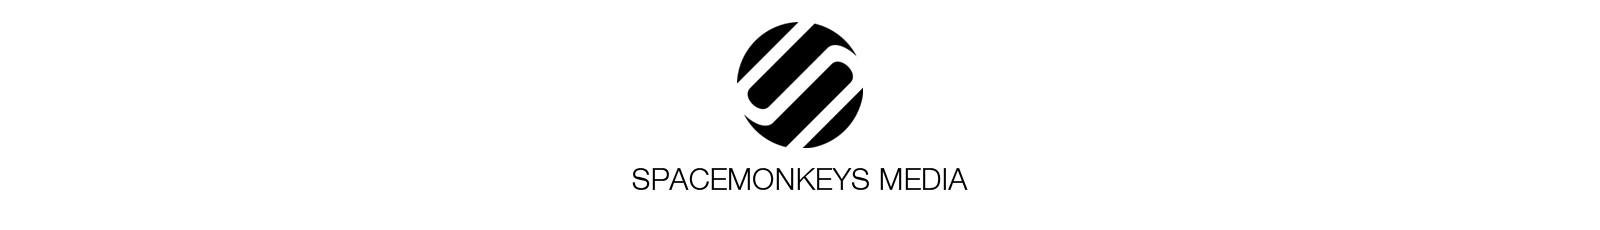 Spacemonkeys